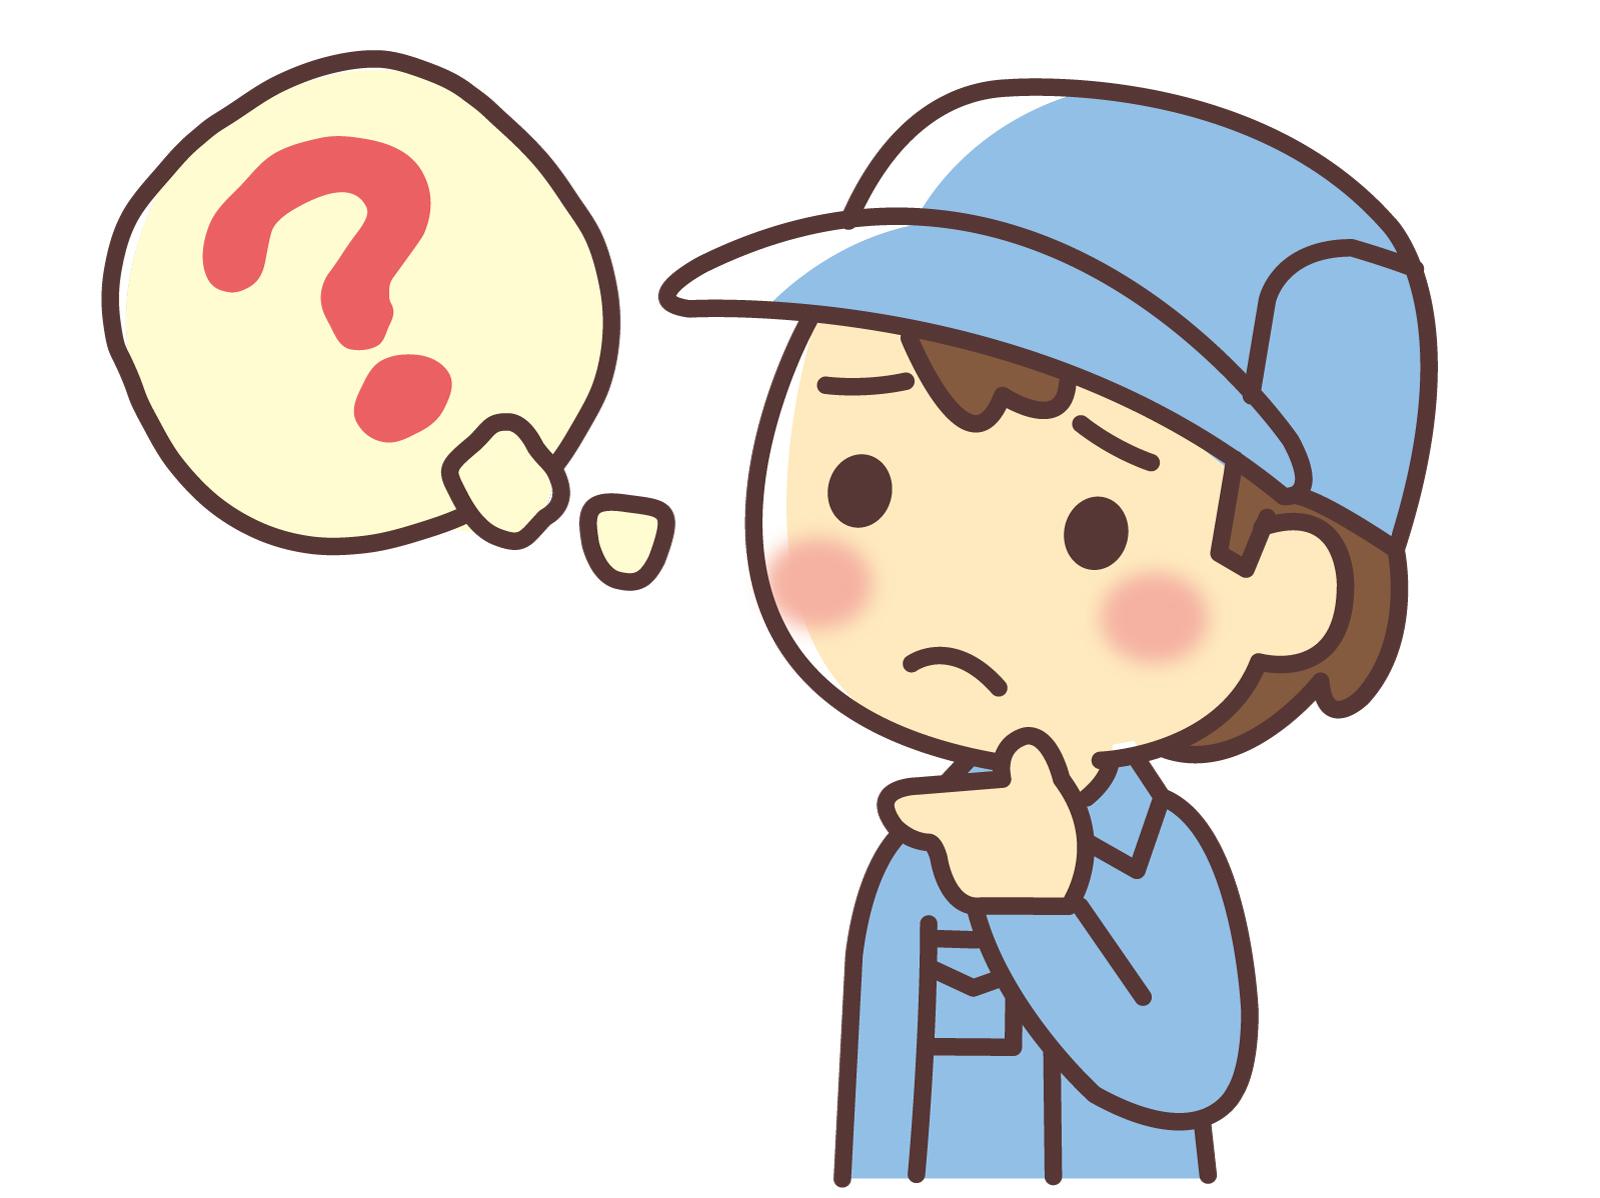 スマホのトラブル~バックライト故障時の対処法について